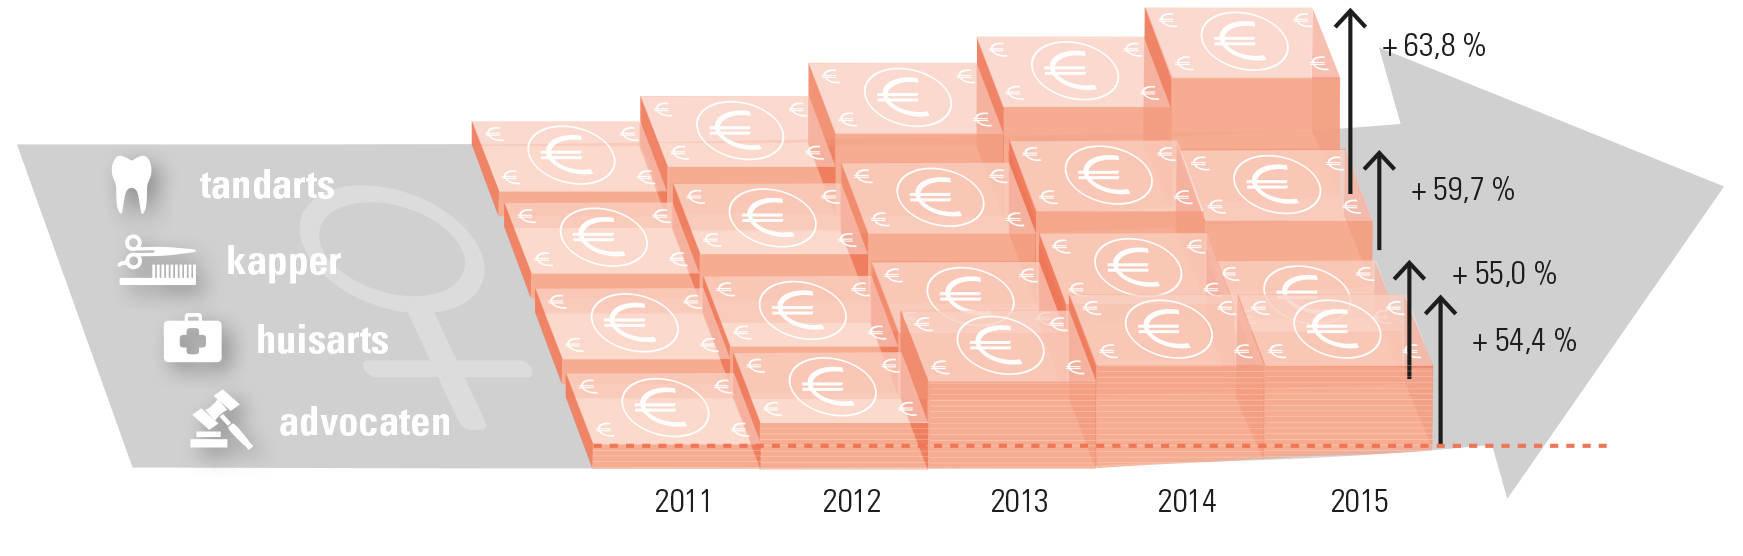 beroepen vrouwelijke zelfstandigen met grootste inkomstenstijging